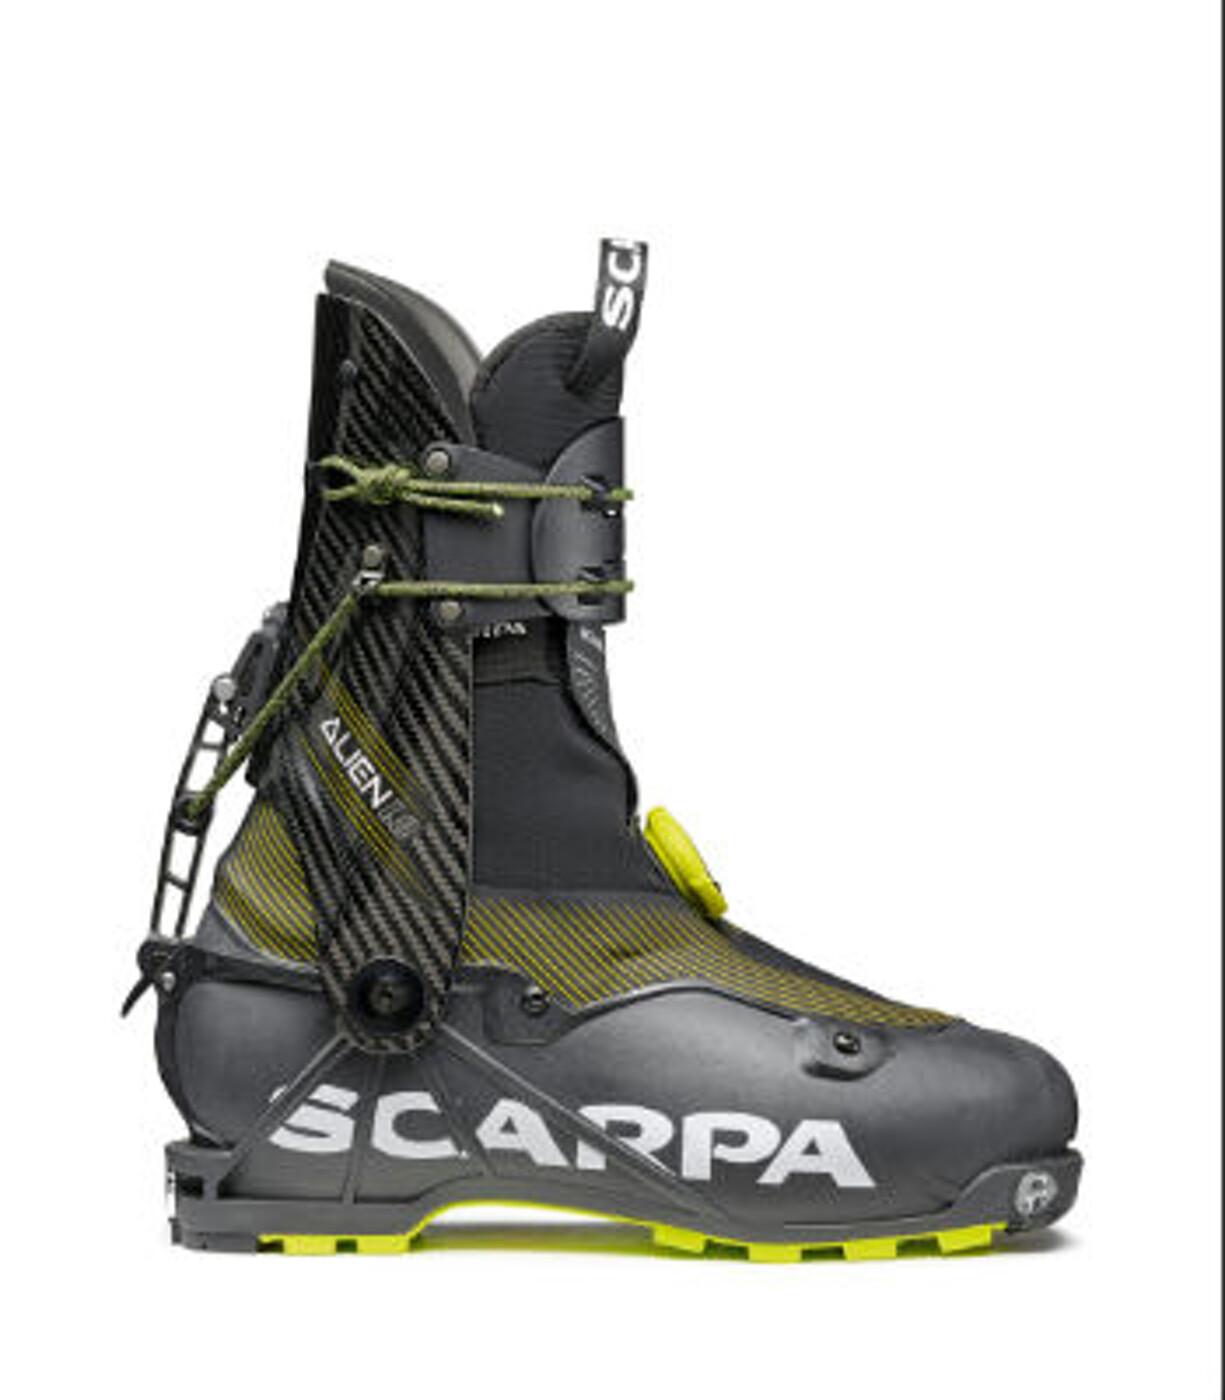 SCARPA Alien 1.0 Skitourenschuh - Herren